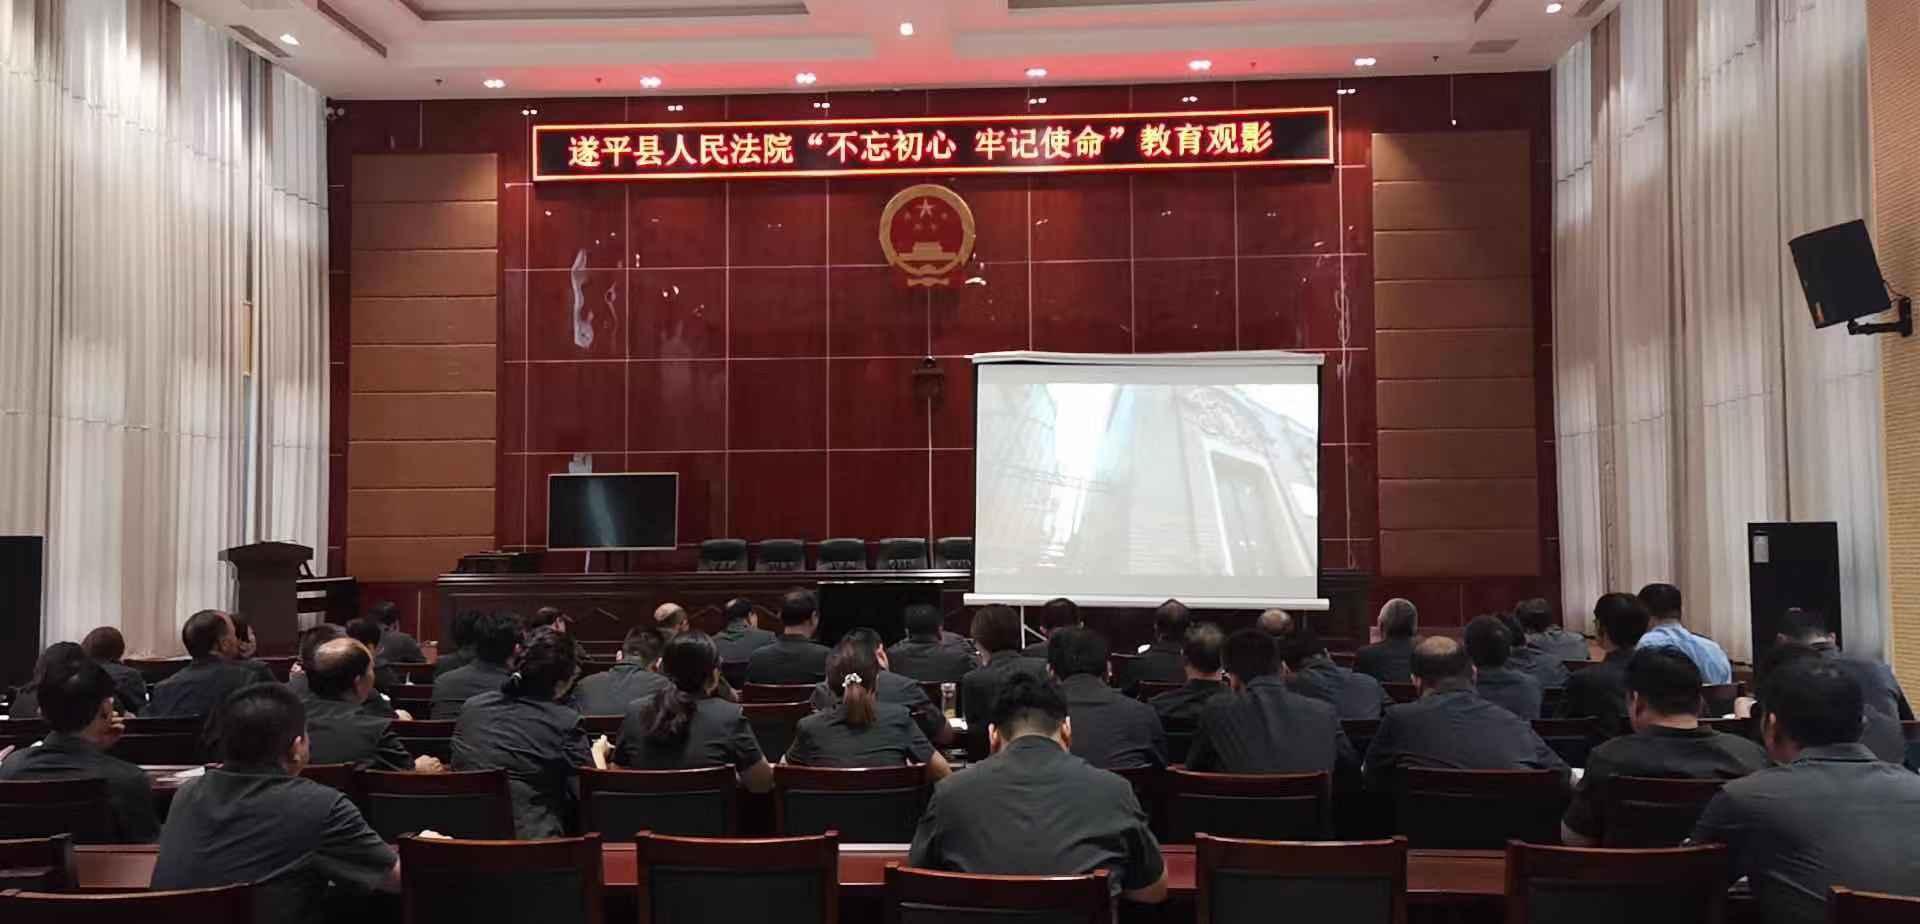 【不忘初心、牢记使命】遂平县法院组织全体干警观看历史纪录片《初心永恒》